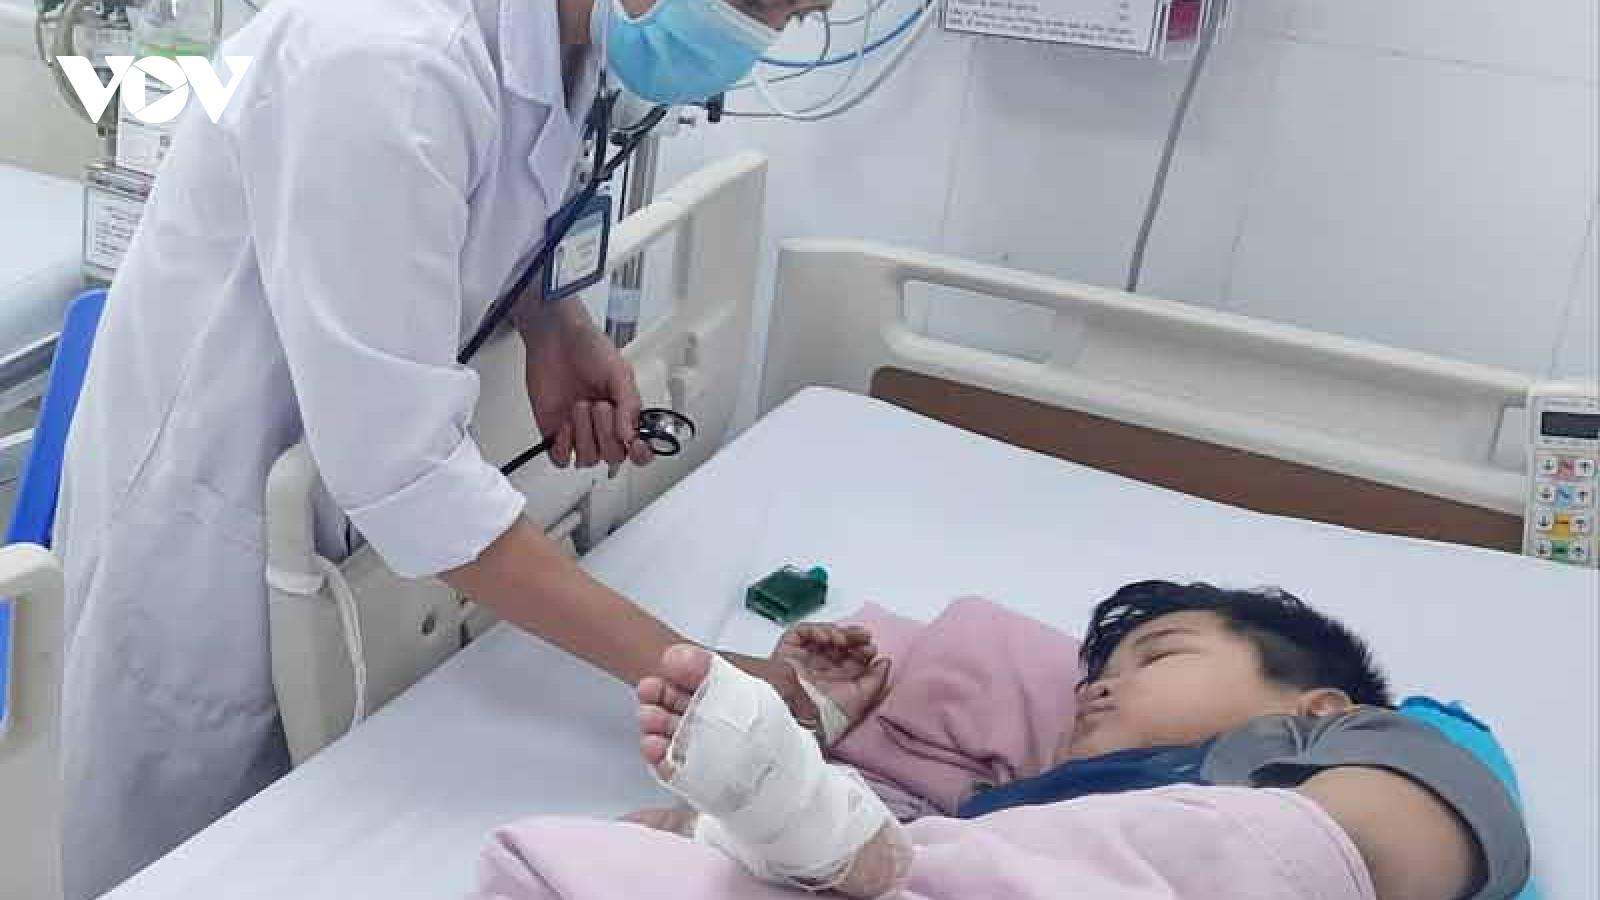 Cứu thành công bé trai 9 tuổi ởSóc Trăngmắc bệnh hiếm gặp